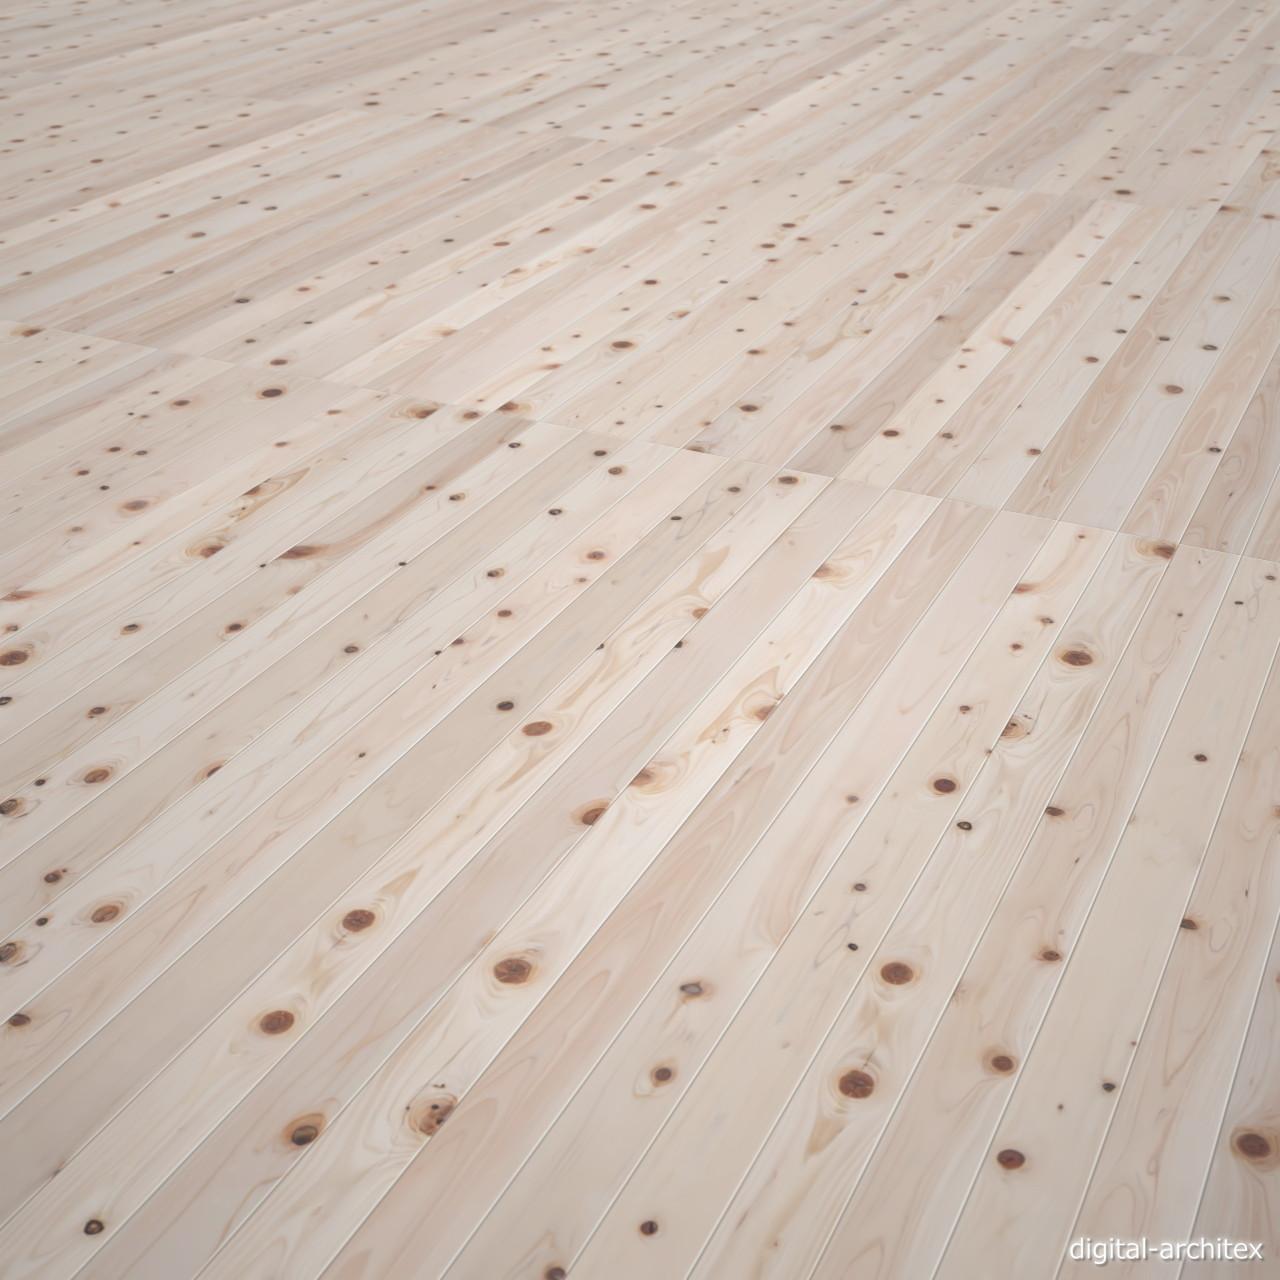 2D,テクスチャー,texture,JPEG,木質,floor,wooden flooring,wood,茶色,brown,桧のすだれ張りのフローリング,木目,節,ひのき,檜,ヒノキ